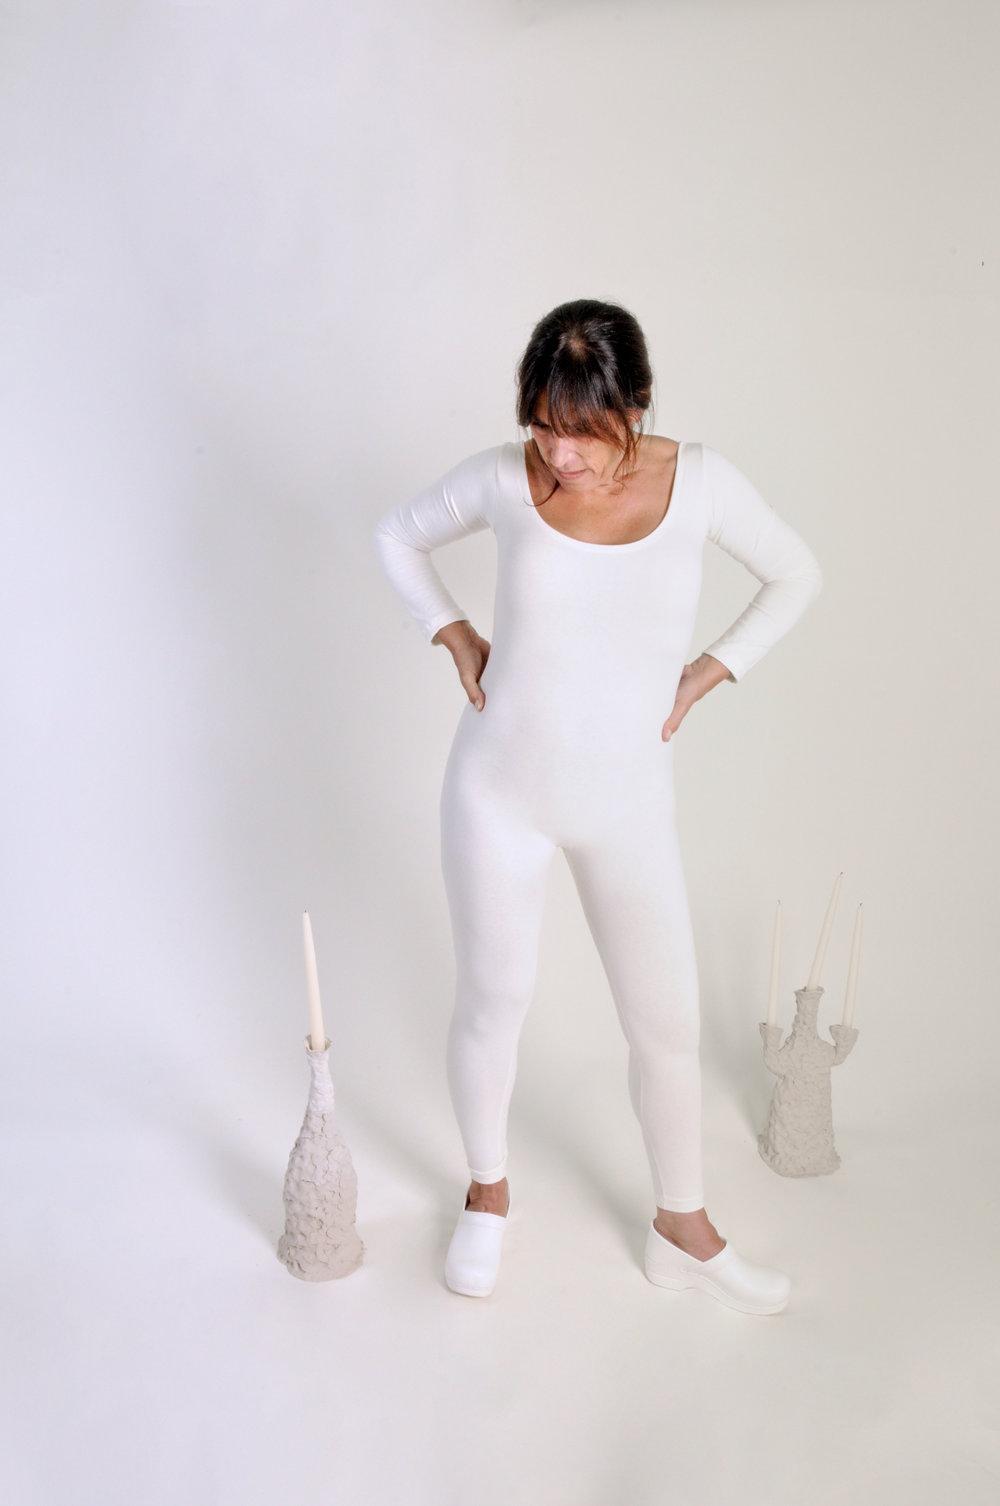 oat milk body suit - 0227COLOR : IVORYFABRIC : COTTON JERSEYCONTENT : 100% ORGANIC COTTONWHOLESALE $49 / RETAIL $98SIZES : S / M / L